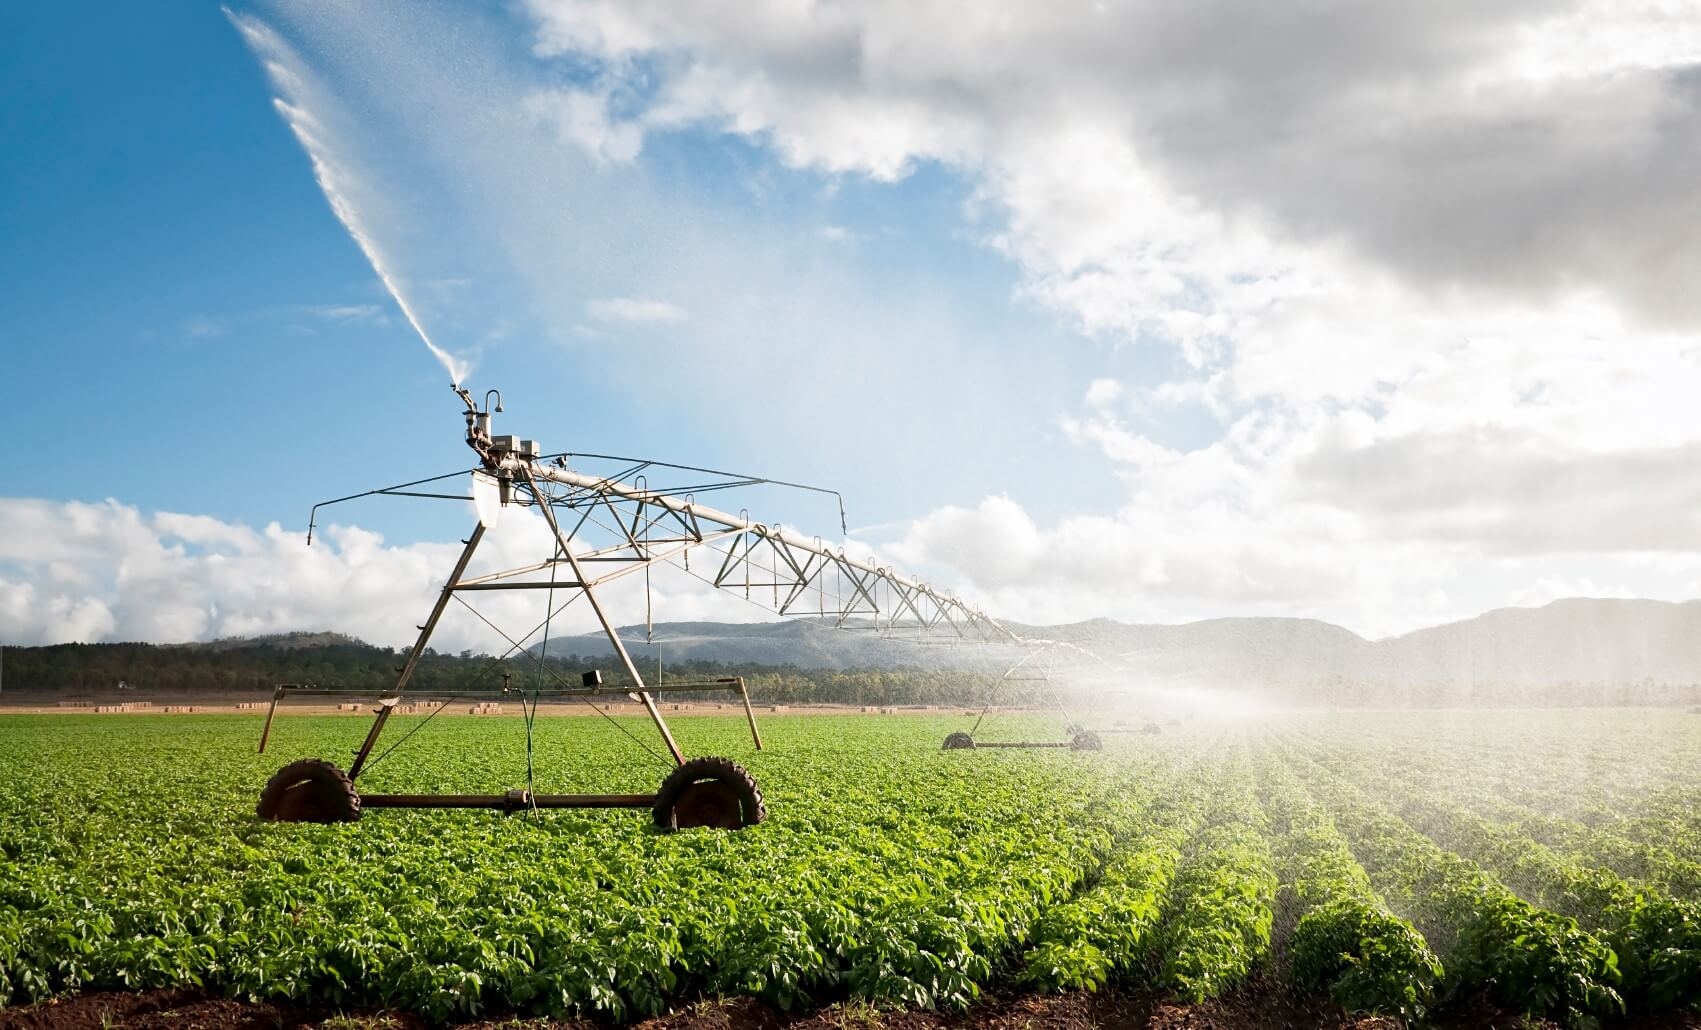 ursalink_farm_solution